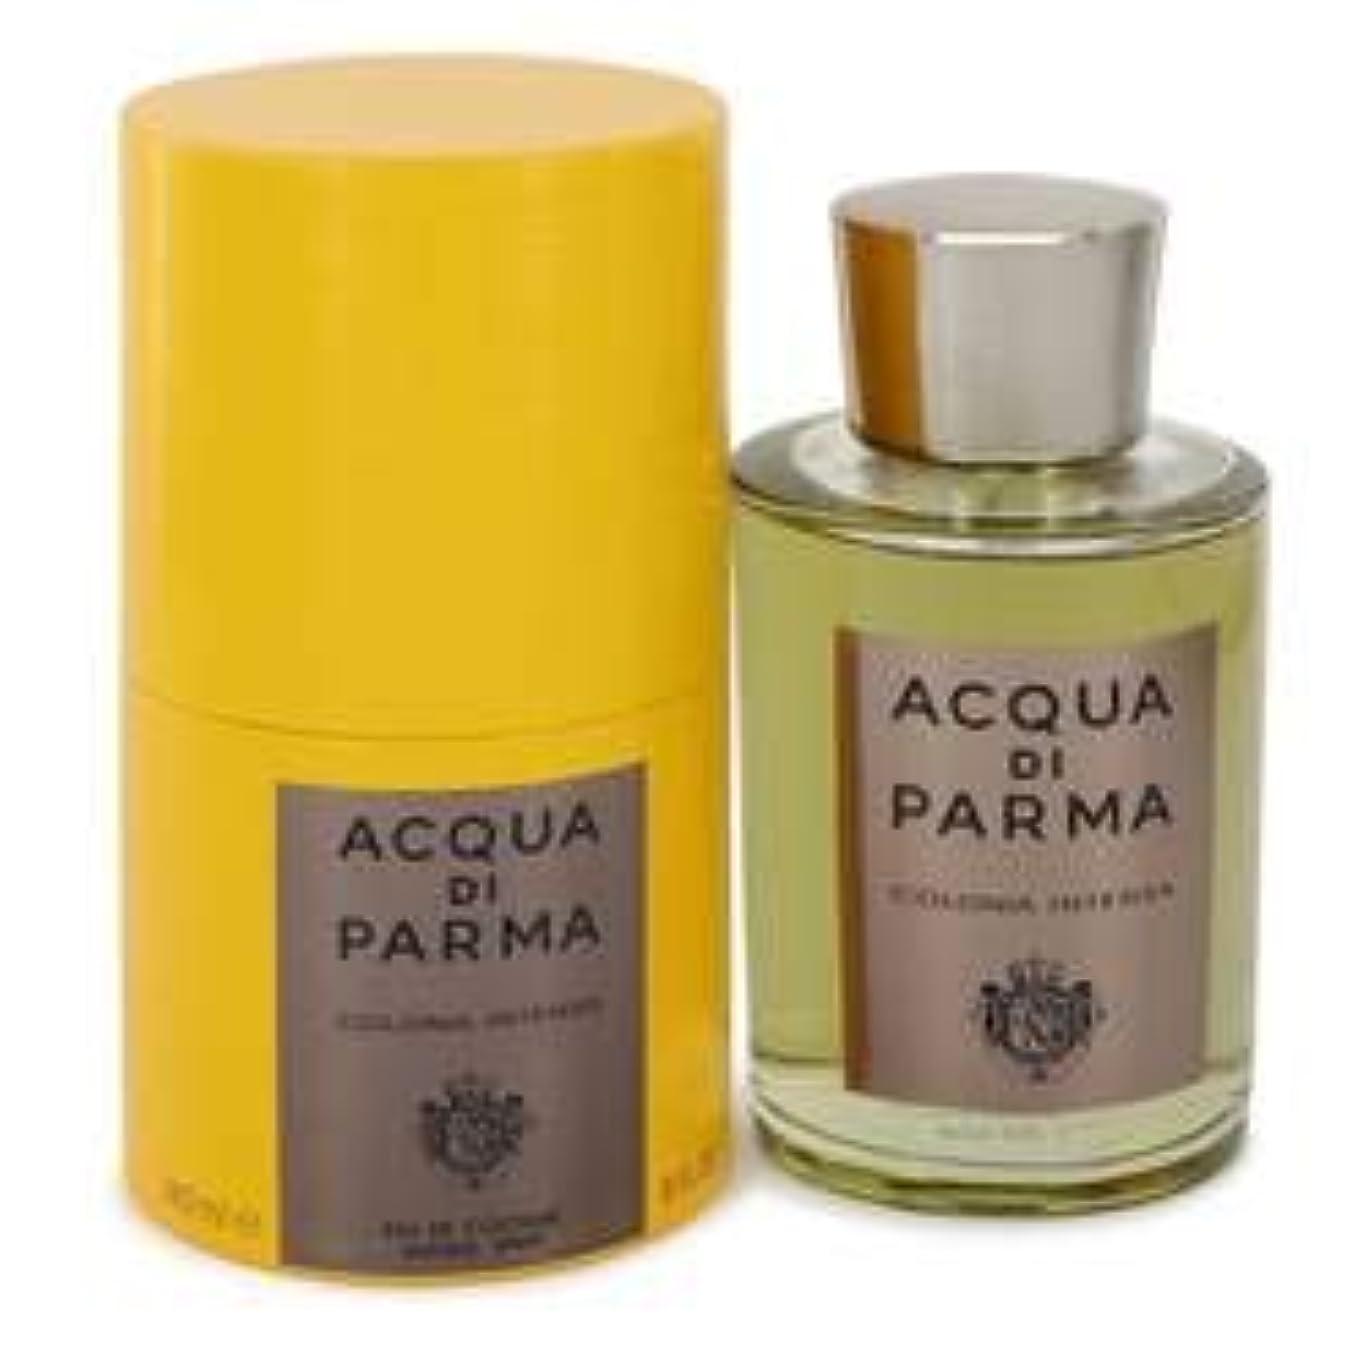 省前置詞拡大するAcqua Di Parma Colonia Intensa Eau De Cologne Spray By Acqua Di Parma